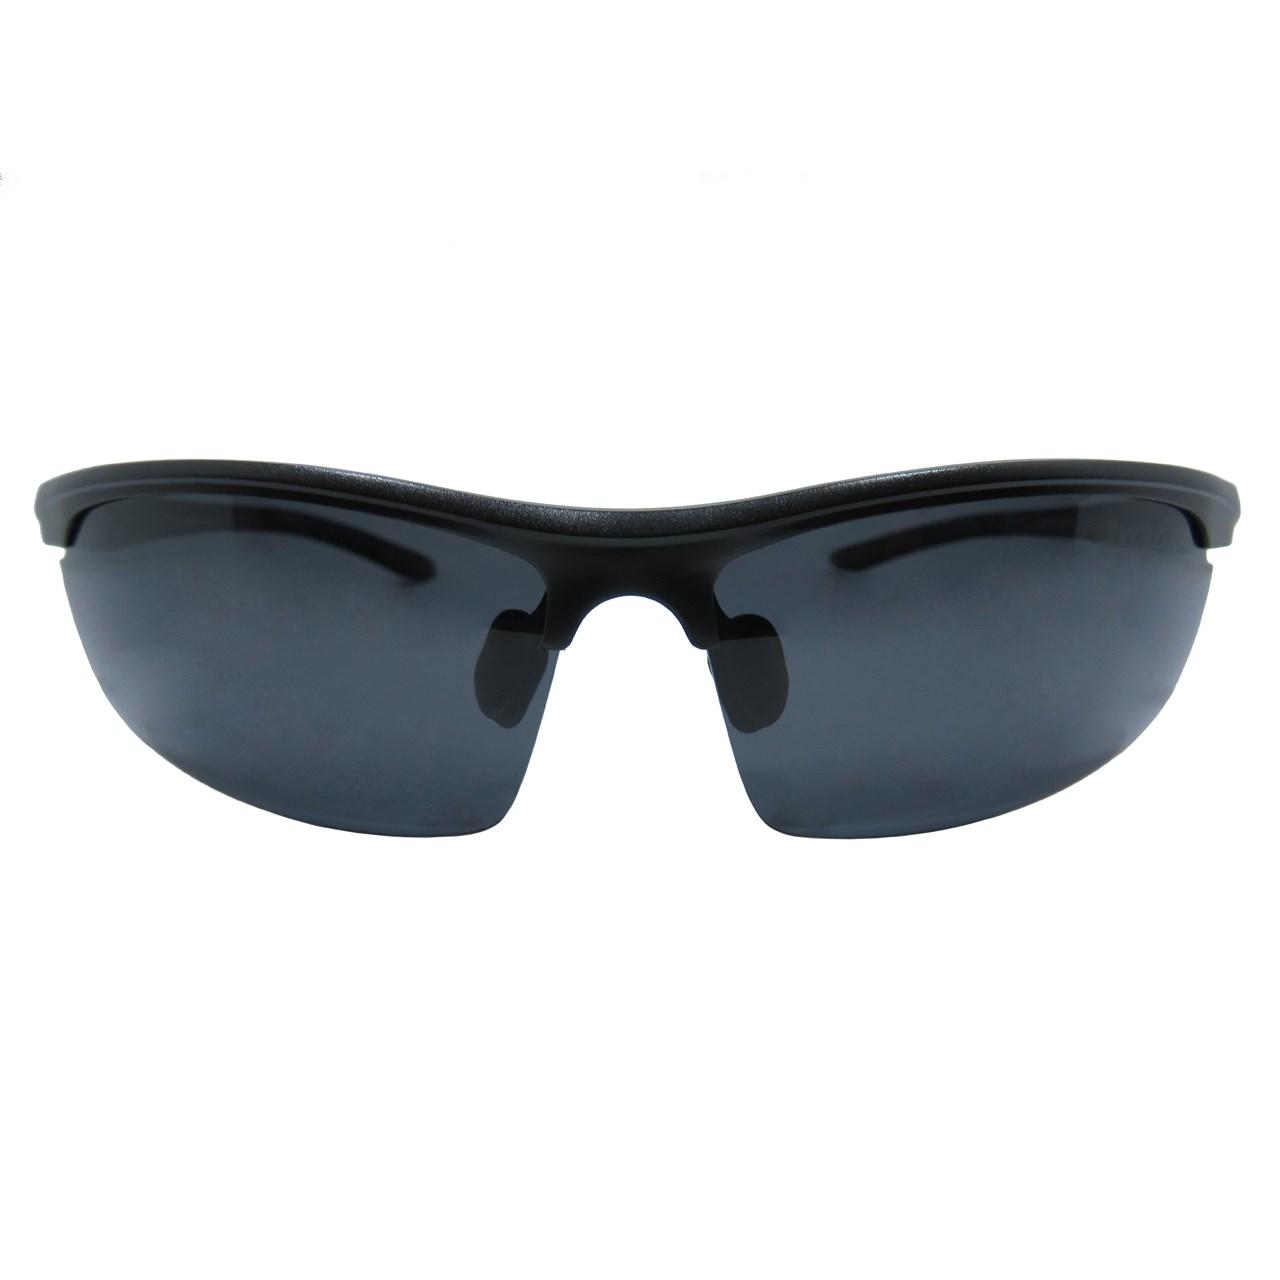 قیمت عینک آفتابی توئنتی مدل S9030 C1 A9-1